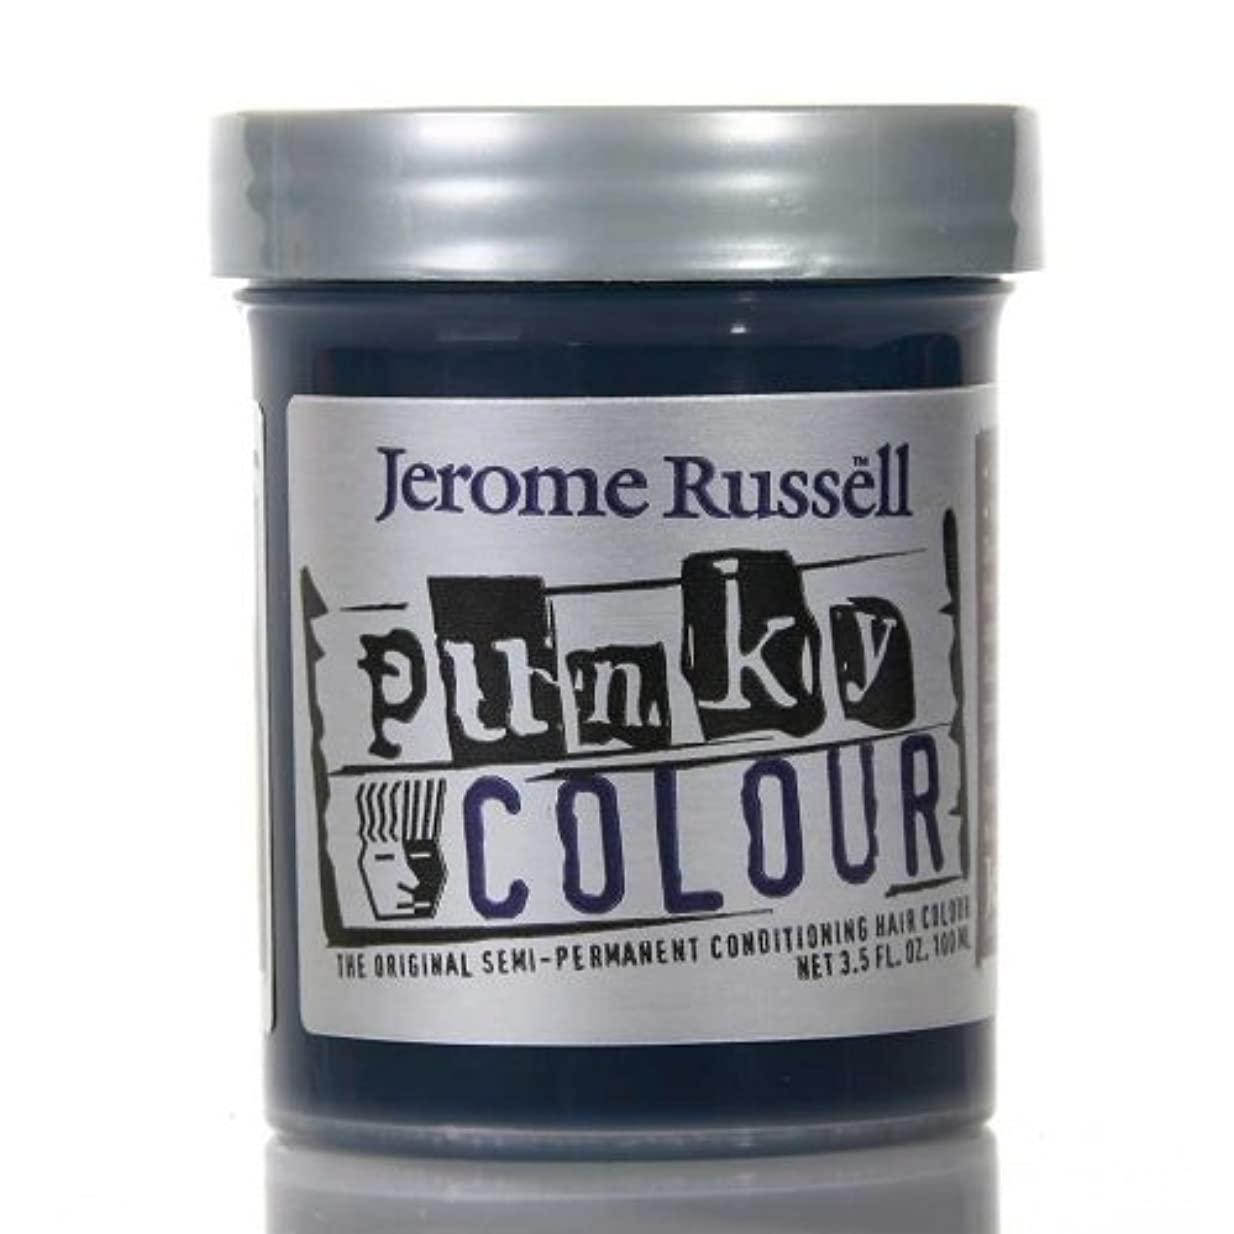 シャープ電話に出るブロッサムJEROME RUSSELL Punky Color Semi-Permanent Conditioning Hair Color - Midnight Blue (並行輸入品)